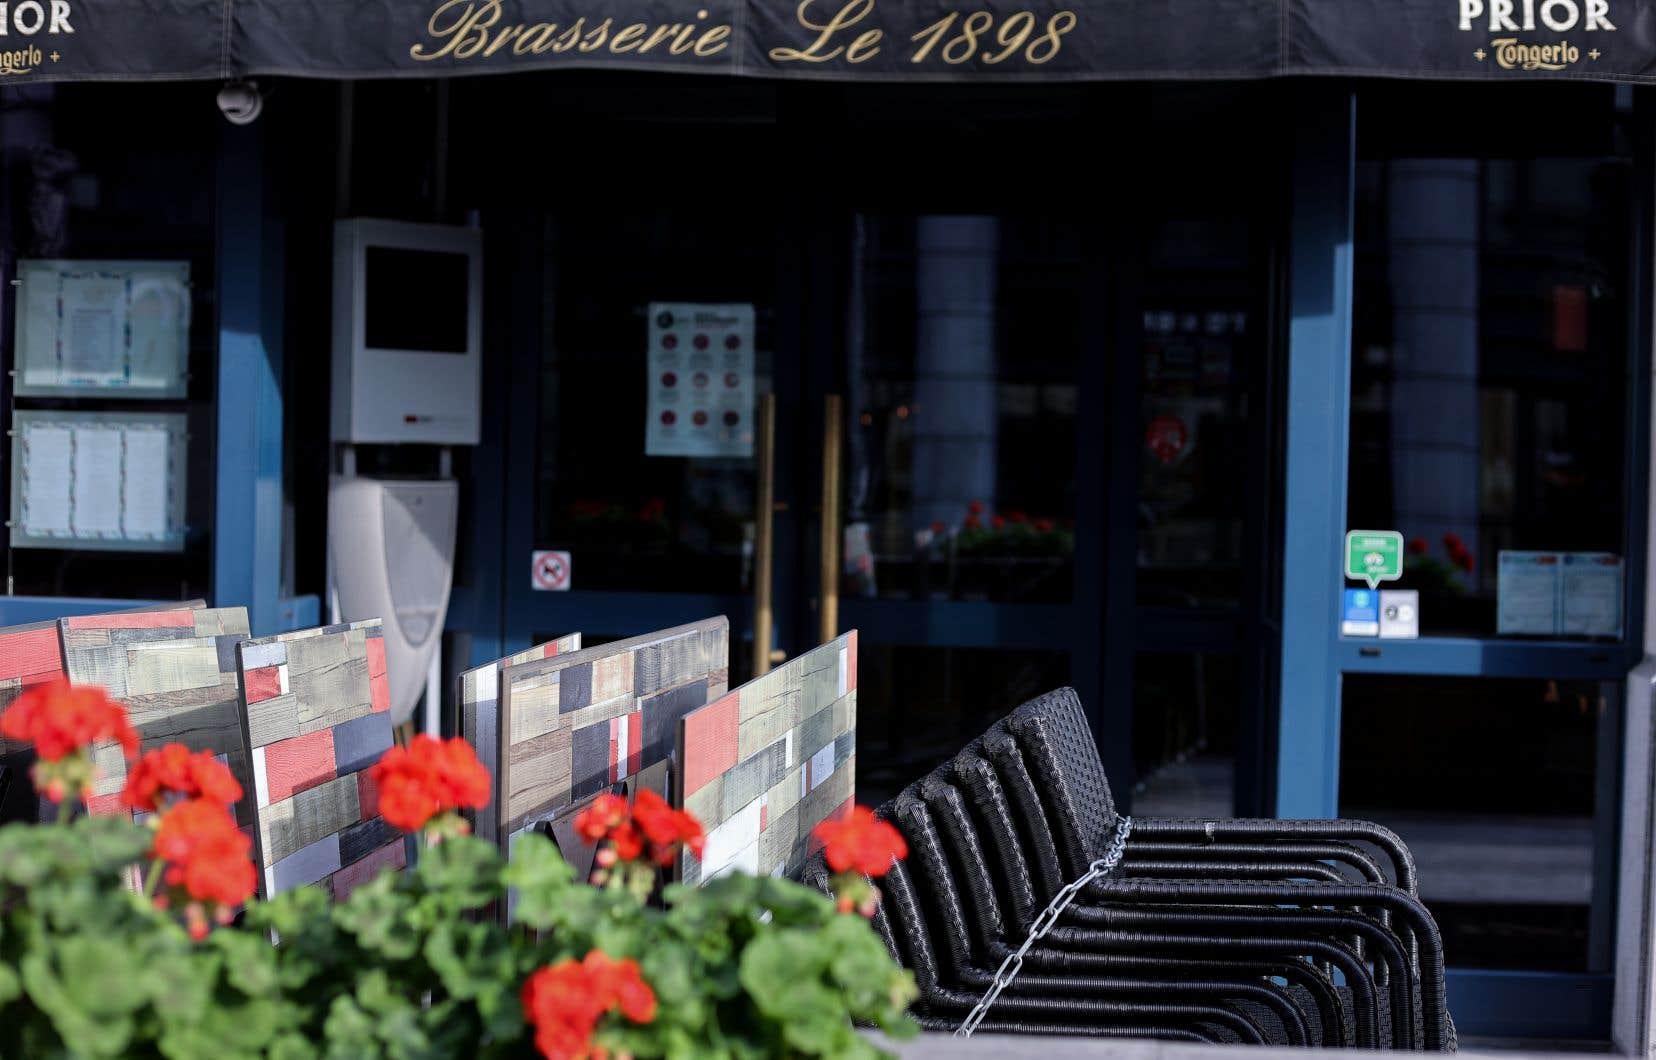 En Belgique, cafés et restaurants sont fermés pendant quatre semaines et un couvre-feu est entré en vigueur lundi de minuit à 5 h.